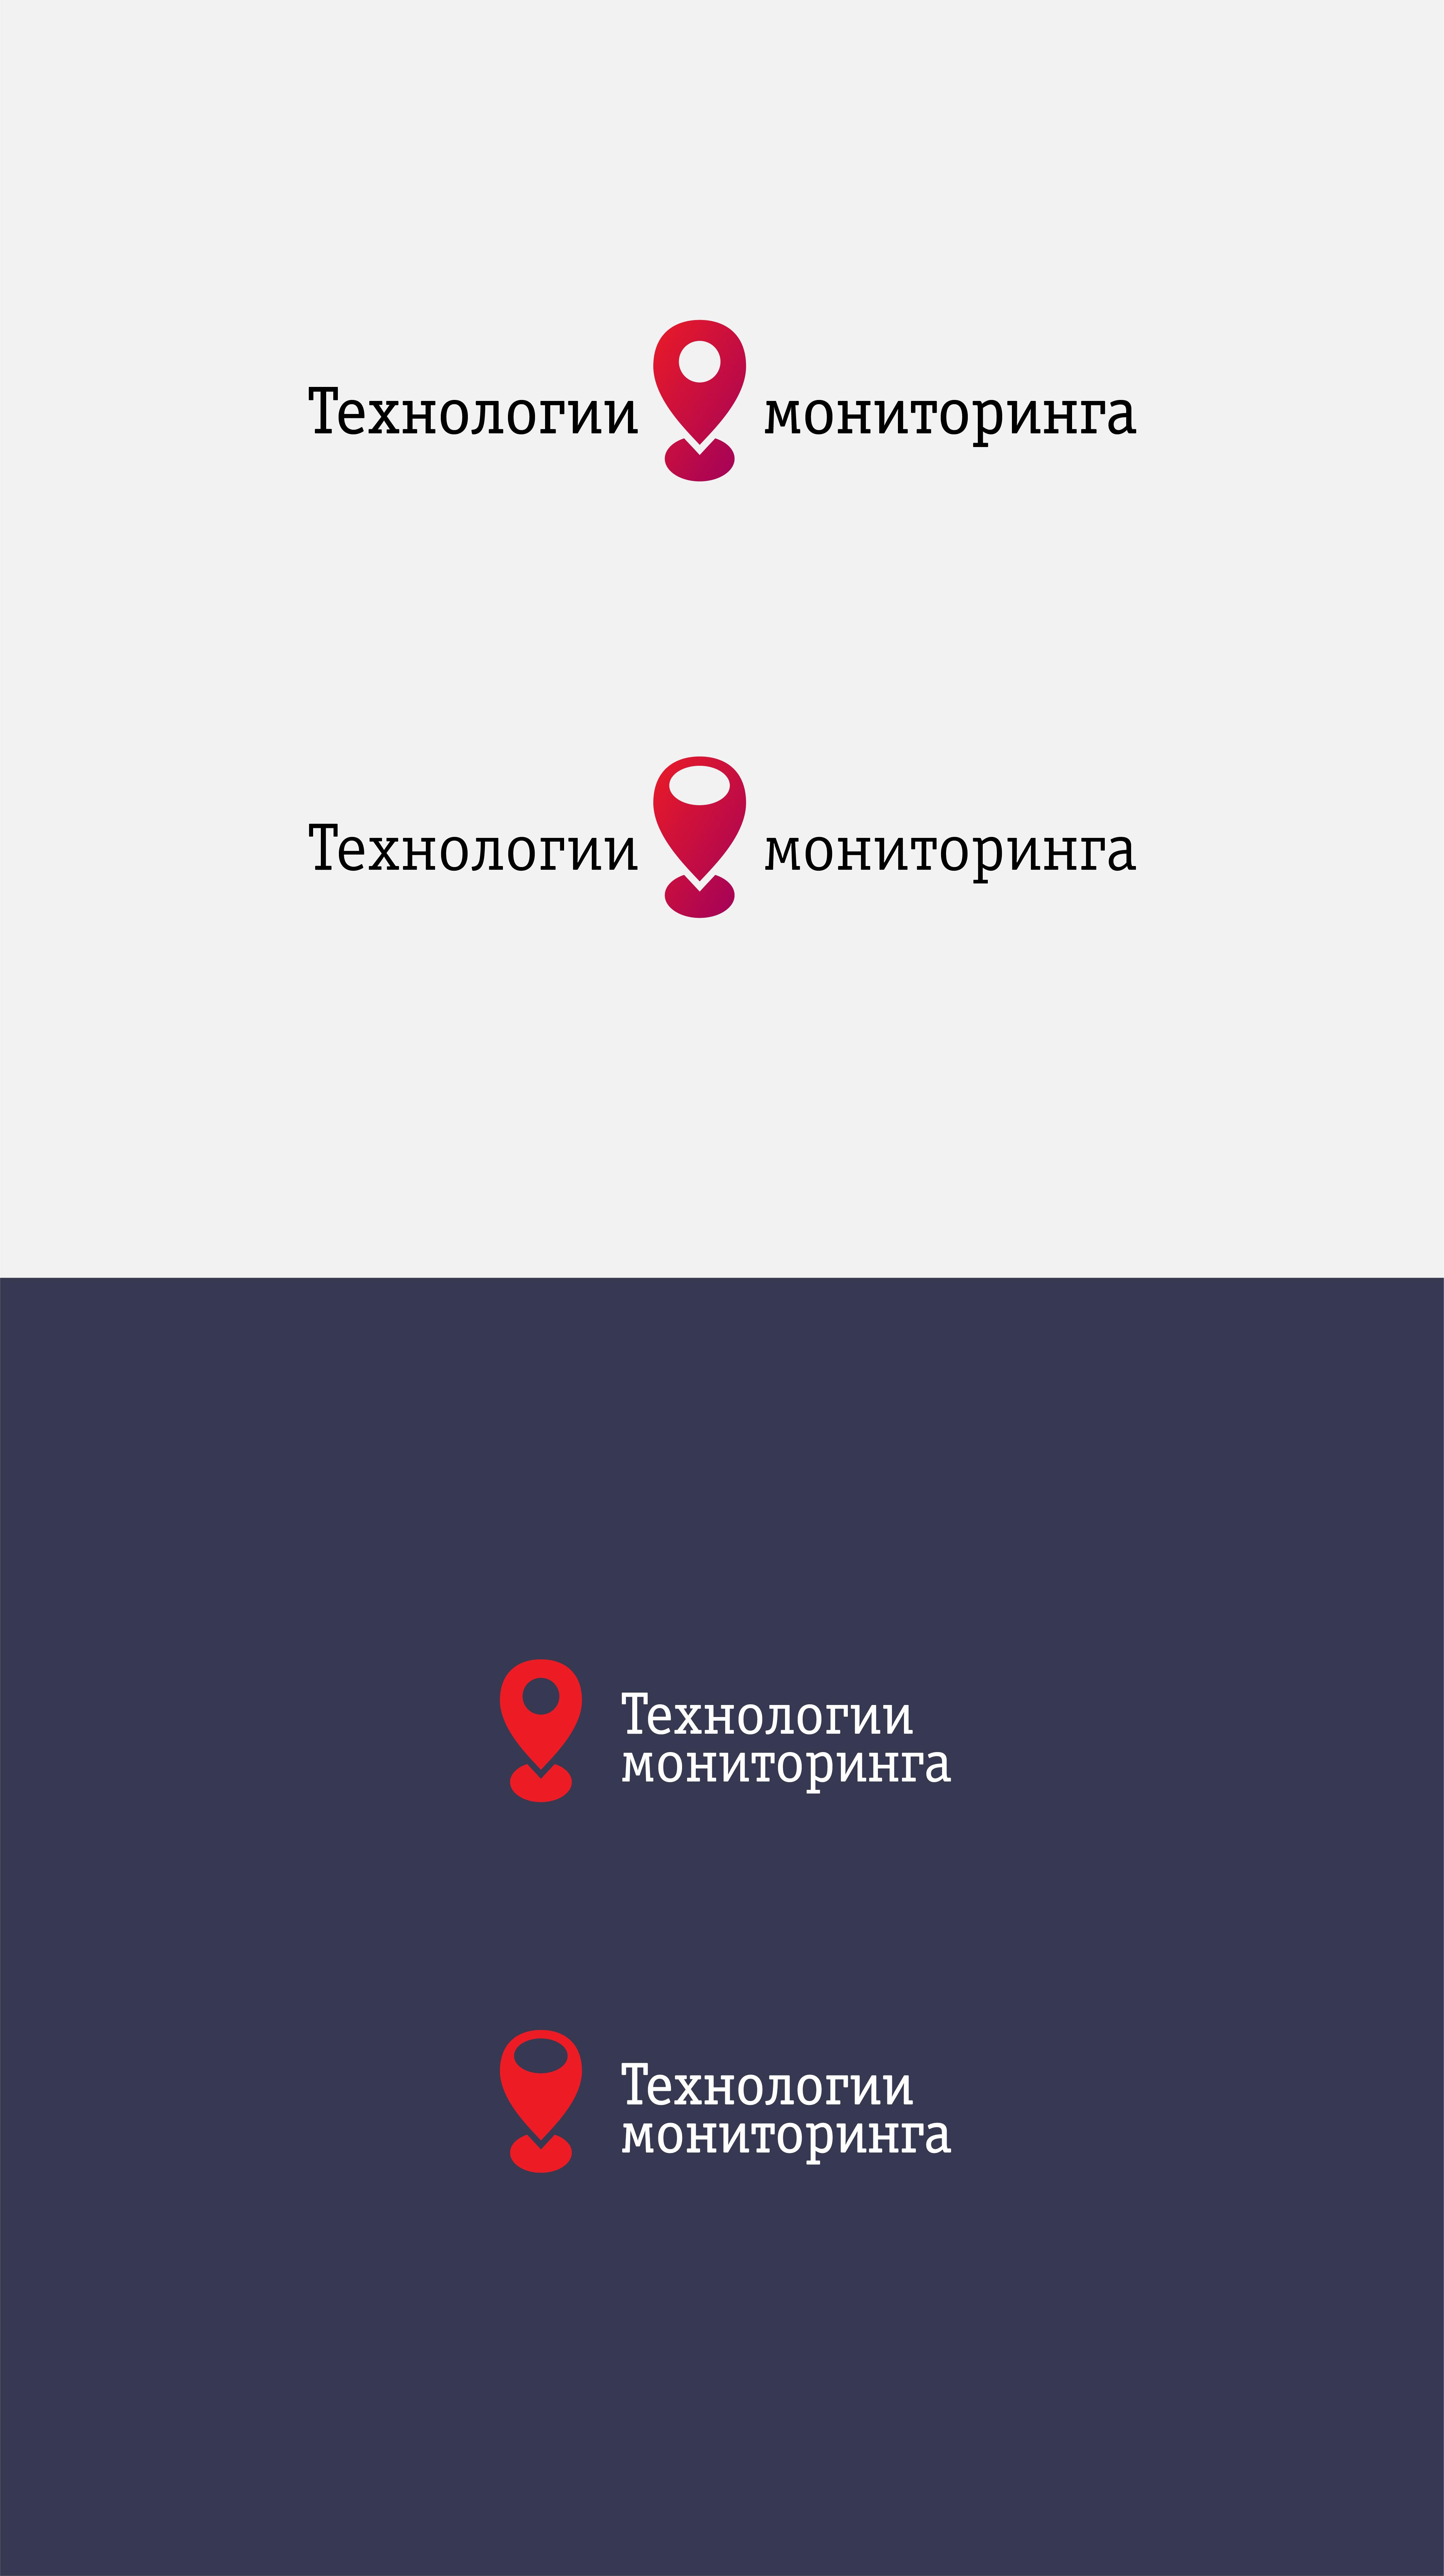 Разработка логотипа фото f_712597b5e7f023e1.jpg